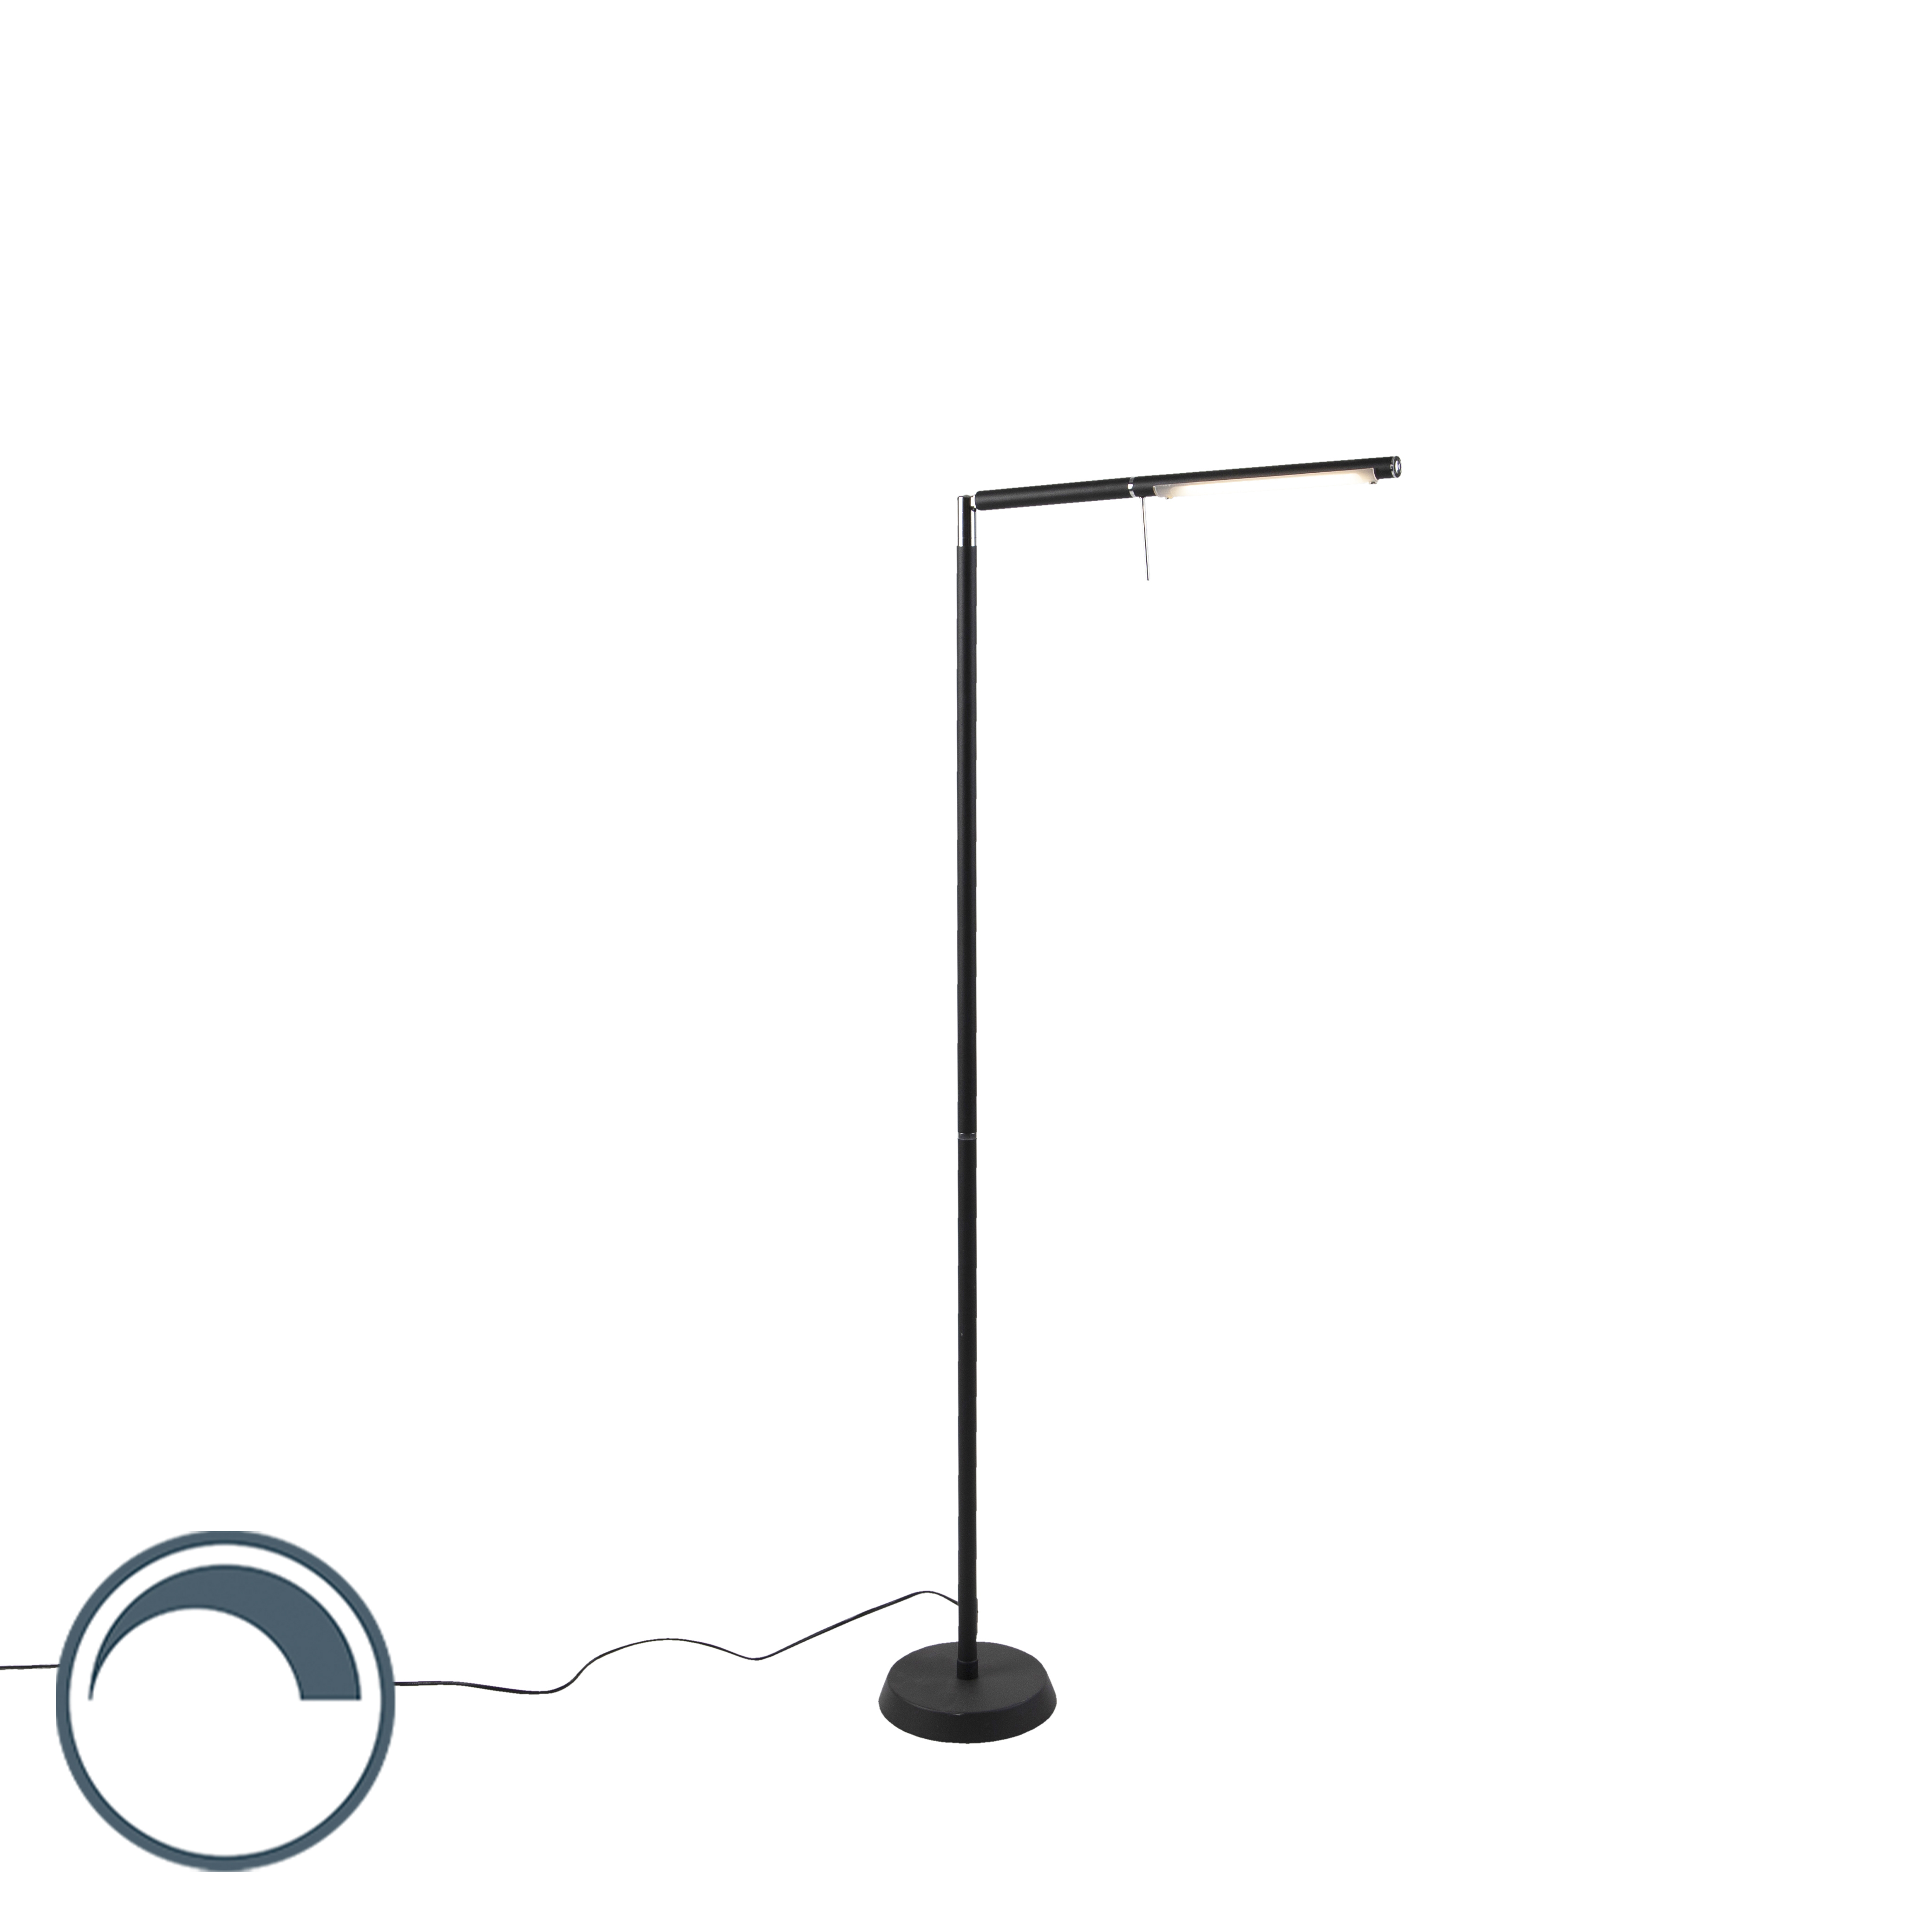 Moderne vloerlamp zwart incl. LED dimbaar - Grando